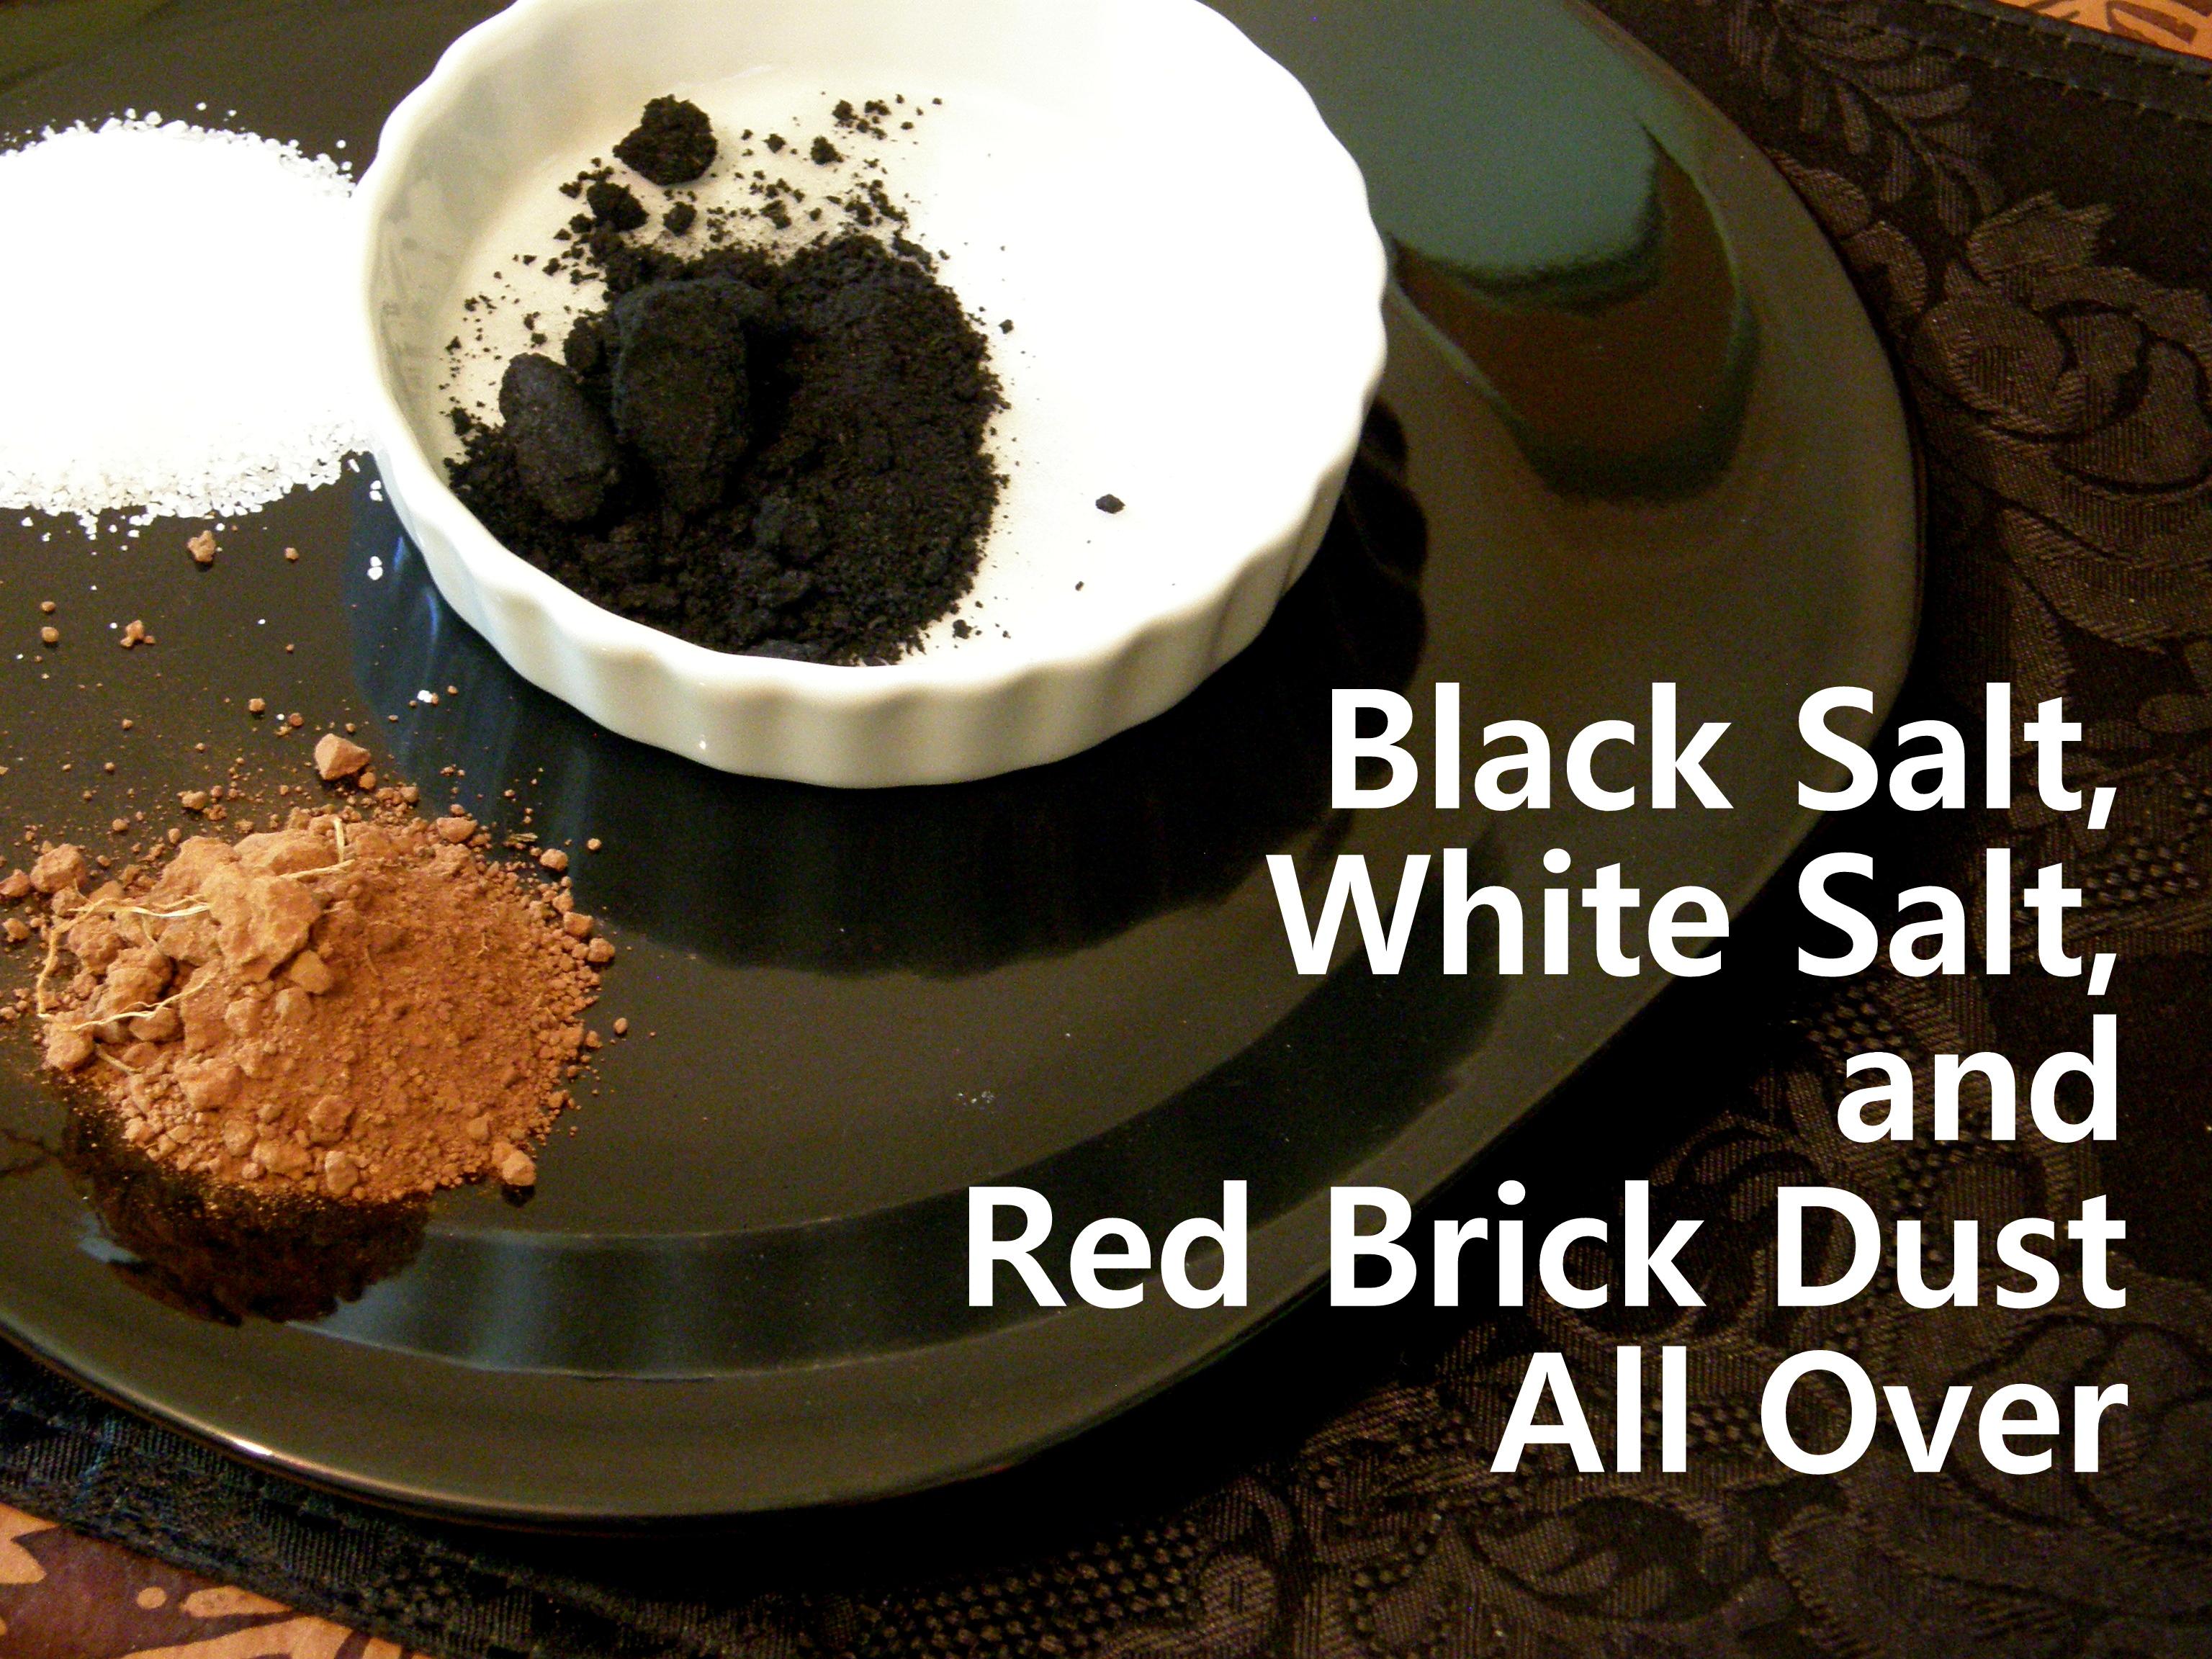 Black Salt, White Salt, and Red Brick Dust All Over